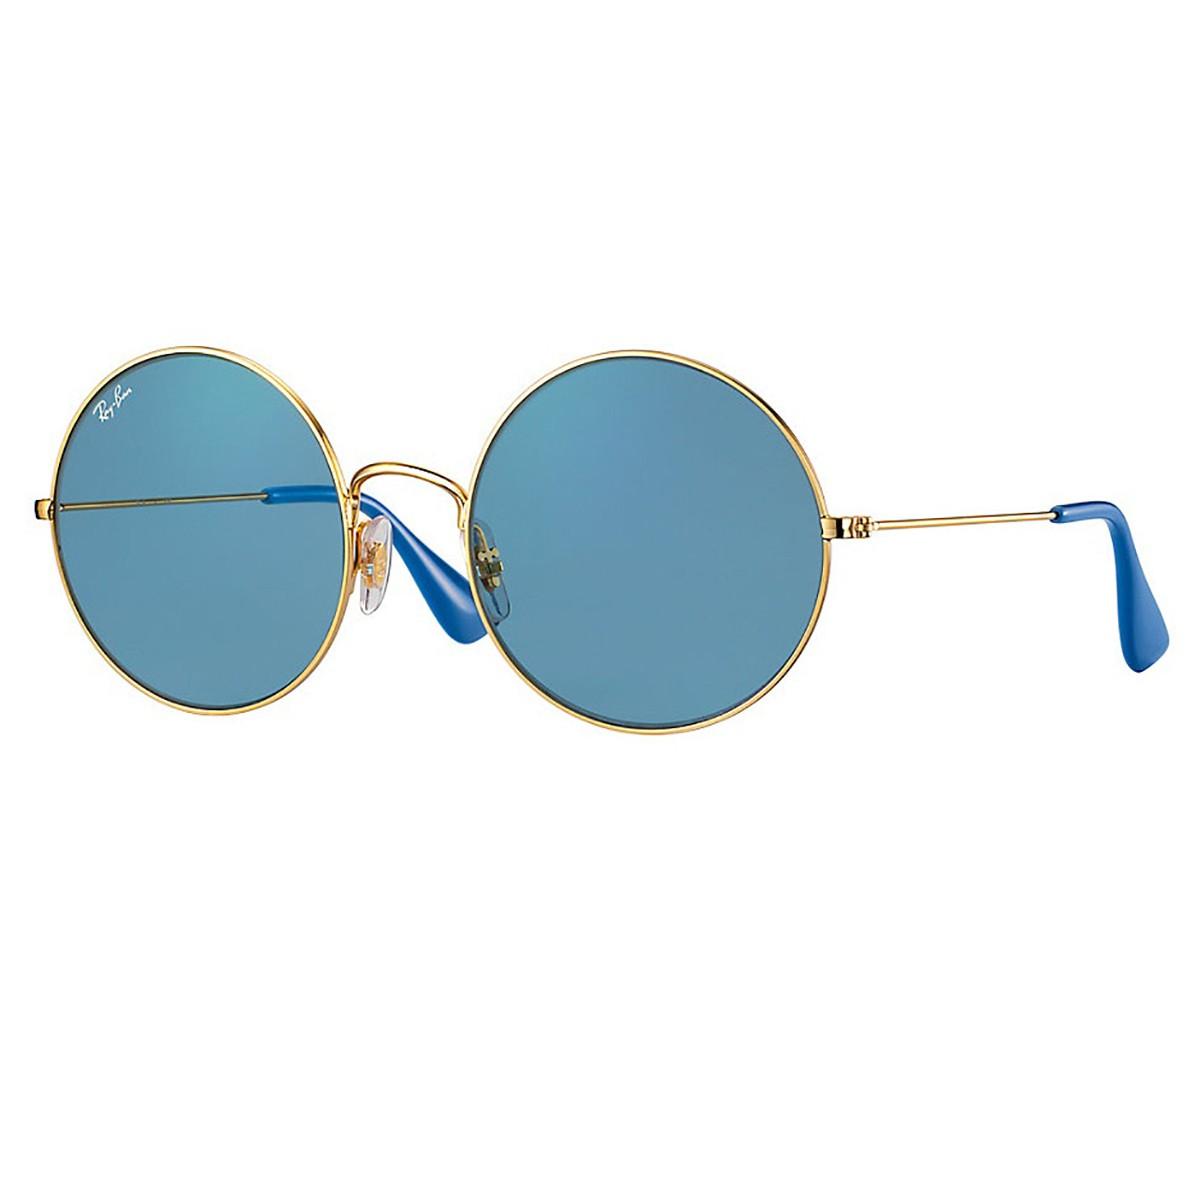 Compre Óculos de Sol Ray Ban Ja-Jo em 10X   Tri-Jóia Shop 10988f52dc